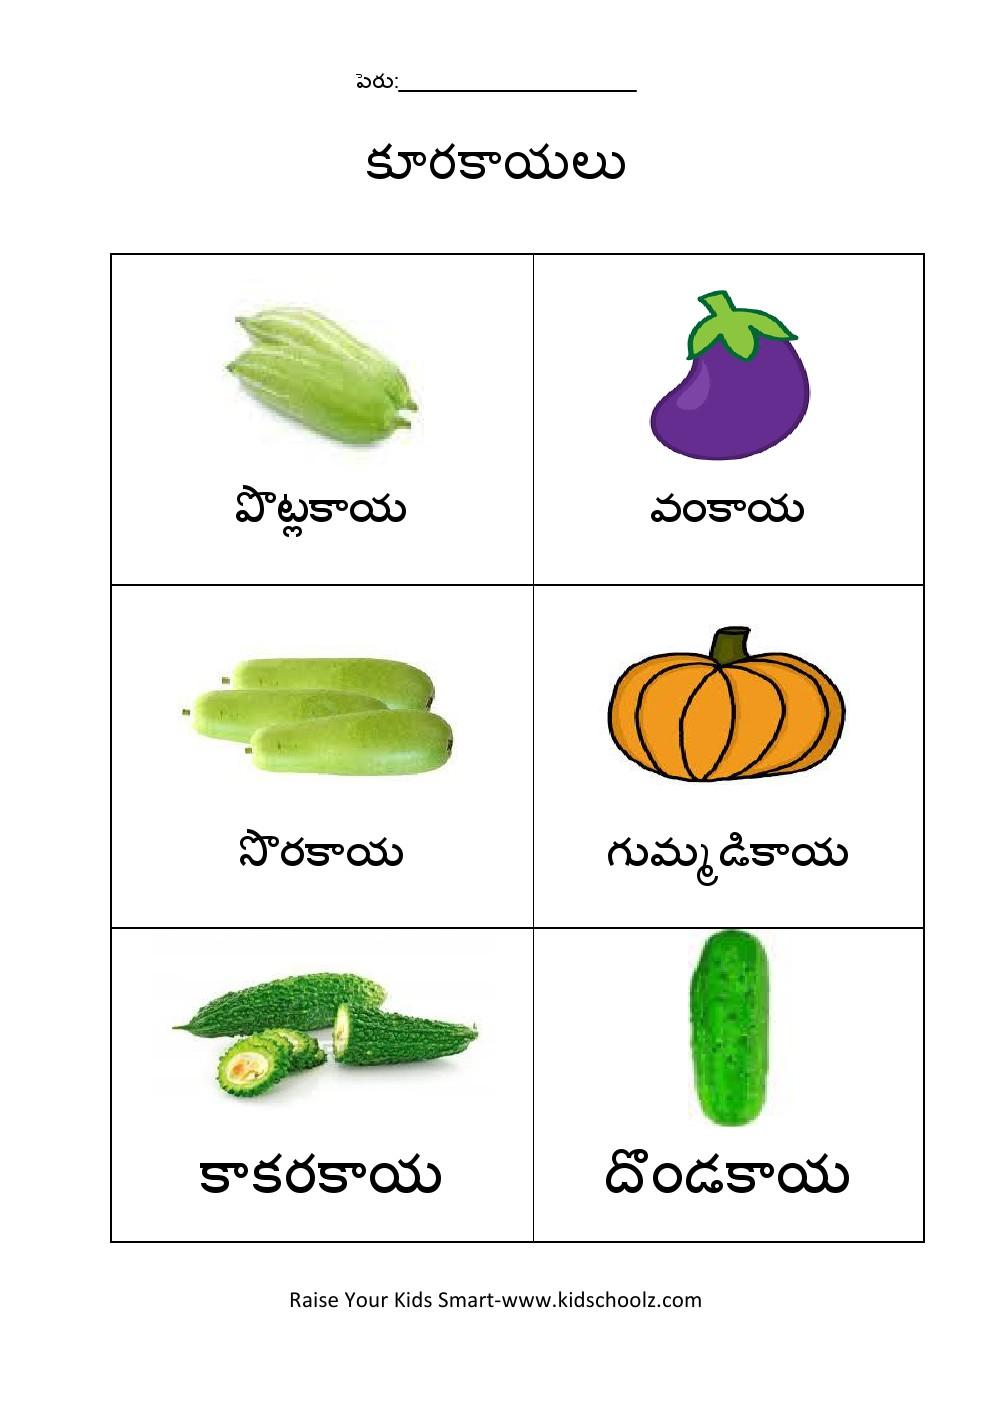 Telugu- Vegetables Worksheet 1 - Kidschoolz